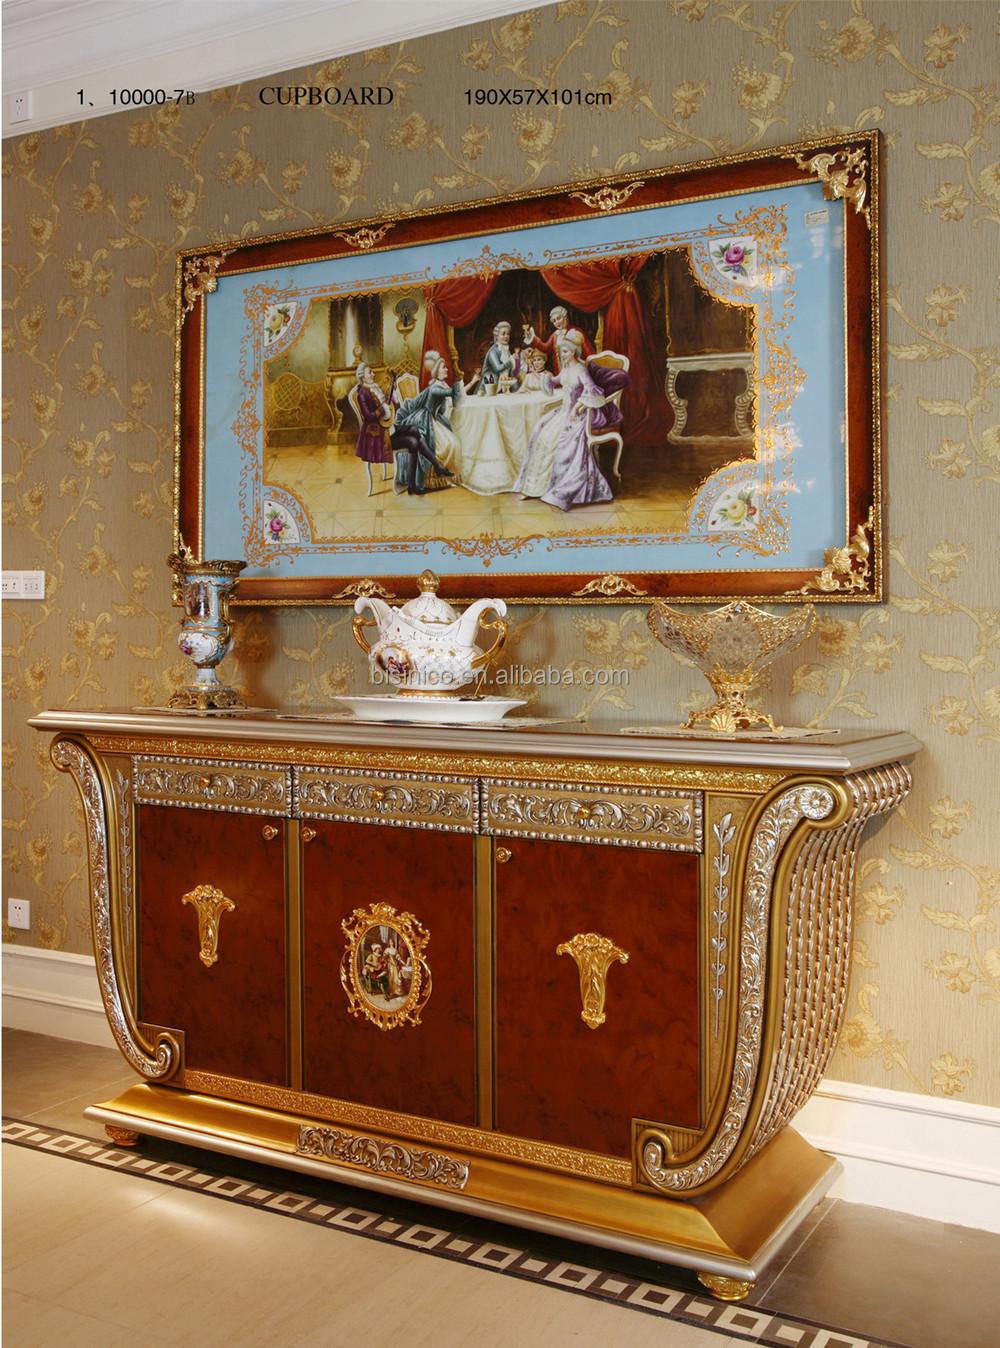 Luxus franz sisch barock blattgold sideboard mit spiegel - Spiegel esszimmer ...